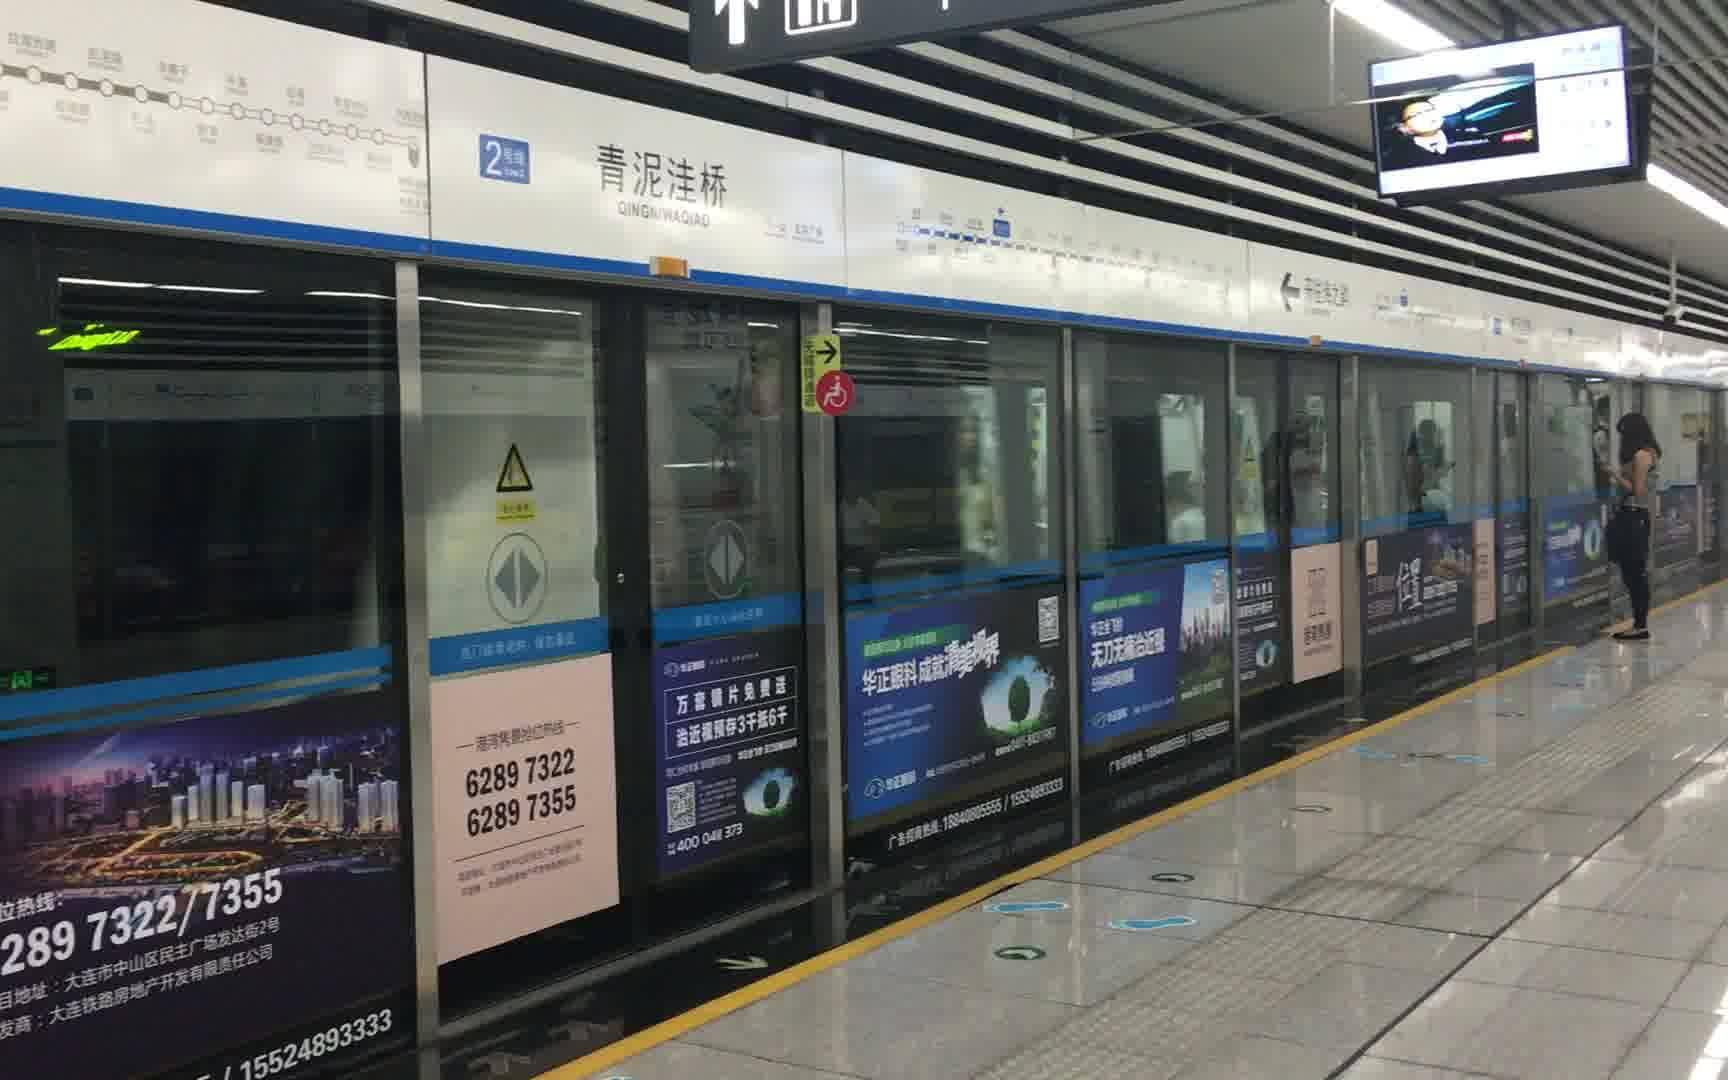 辽宁迎来新的地铁,全长约24.5公里设18站,沿途区域的居民有福了